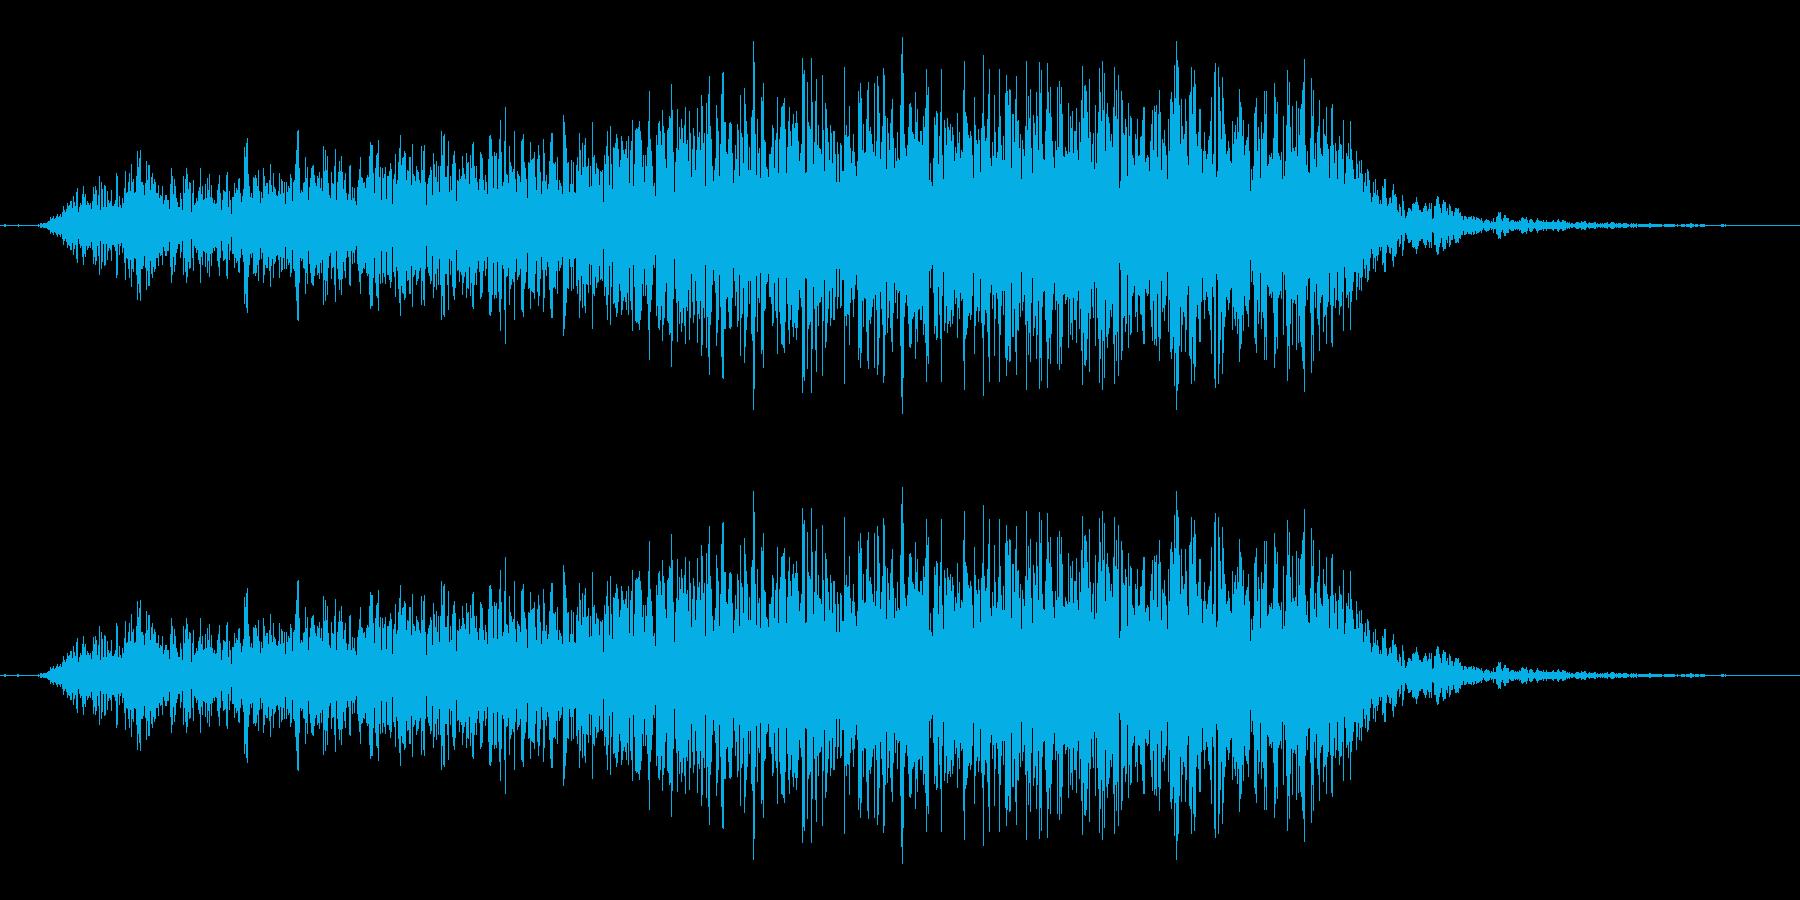 おぉー↑(力をこめる/ためる)(男複数)の再生済みの波形